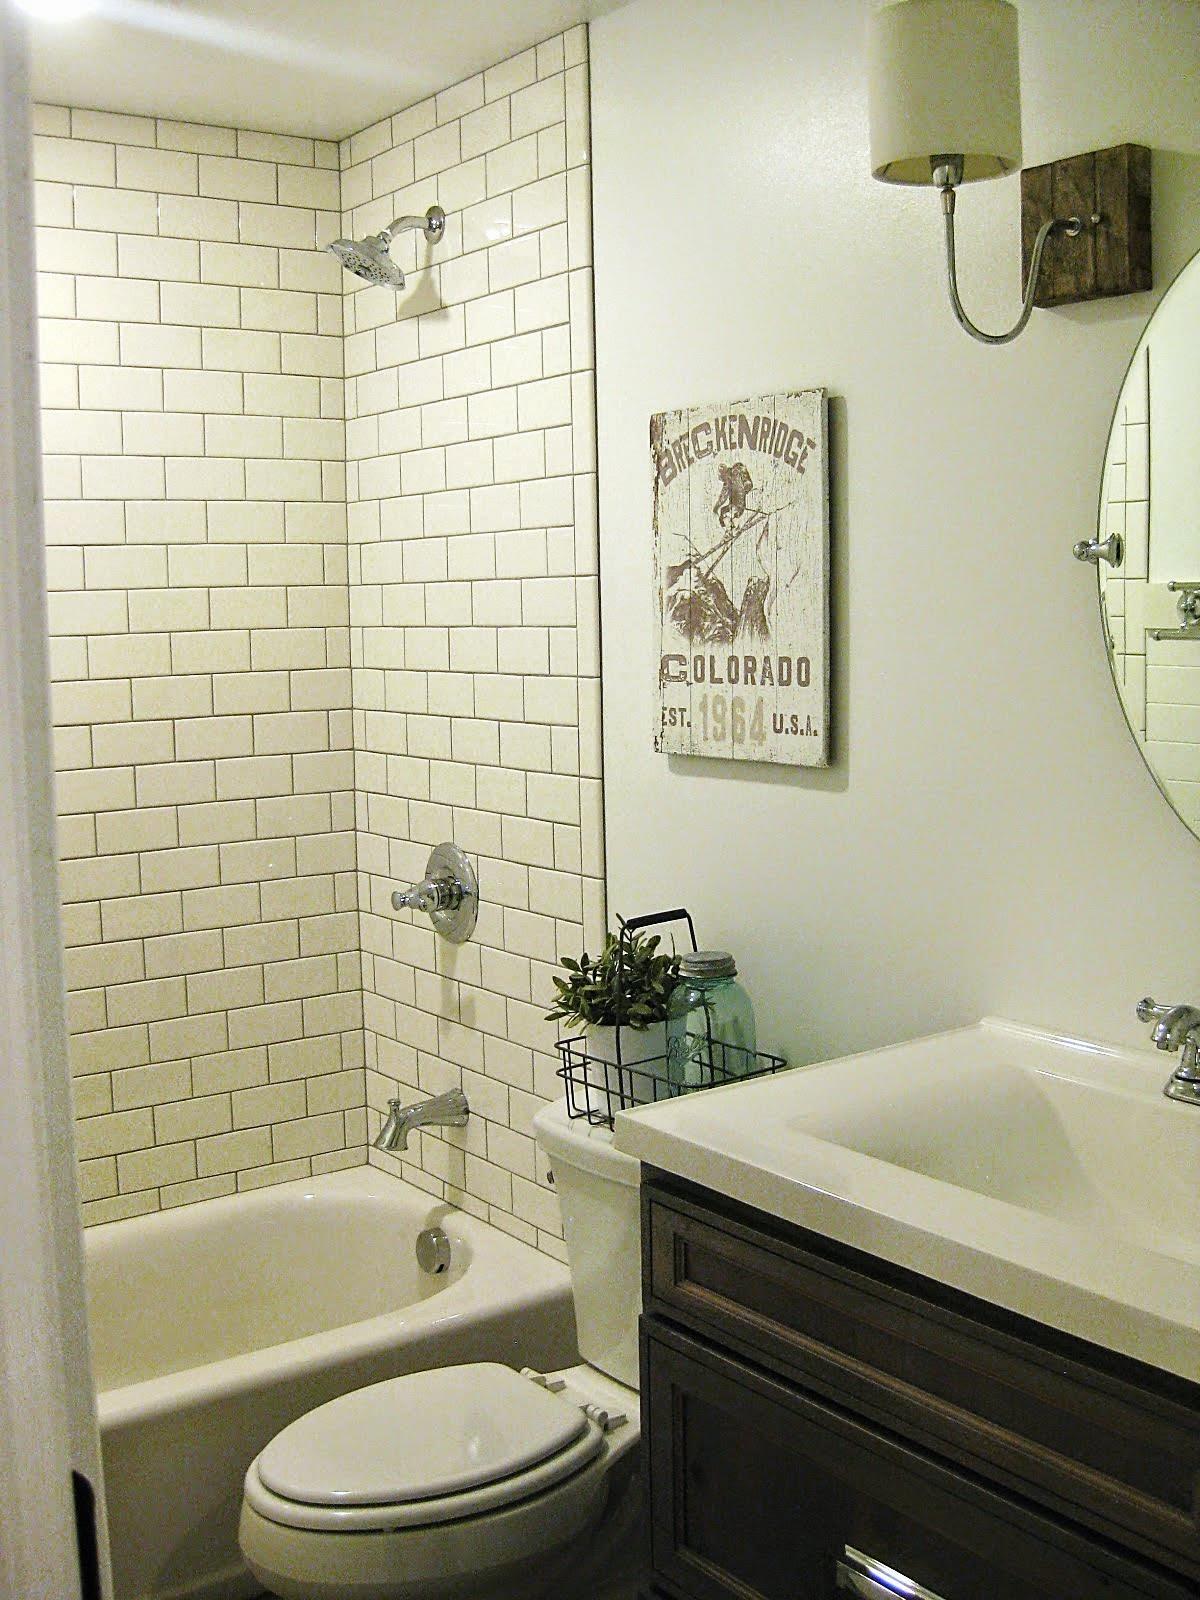 Tda decorating and design tour our home for Megan u bathroom tour